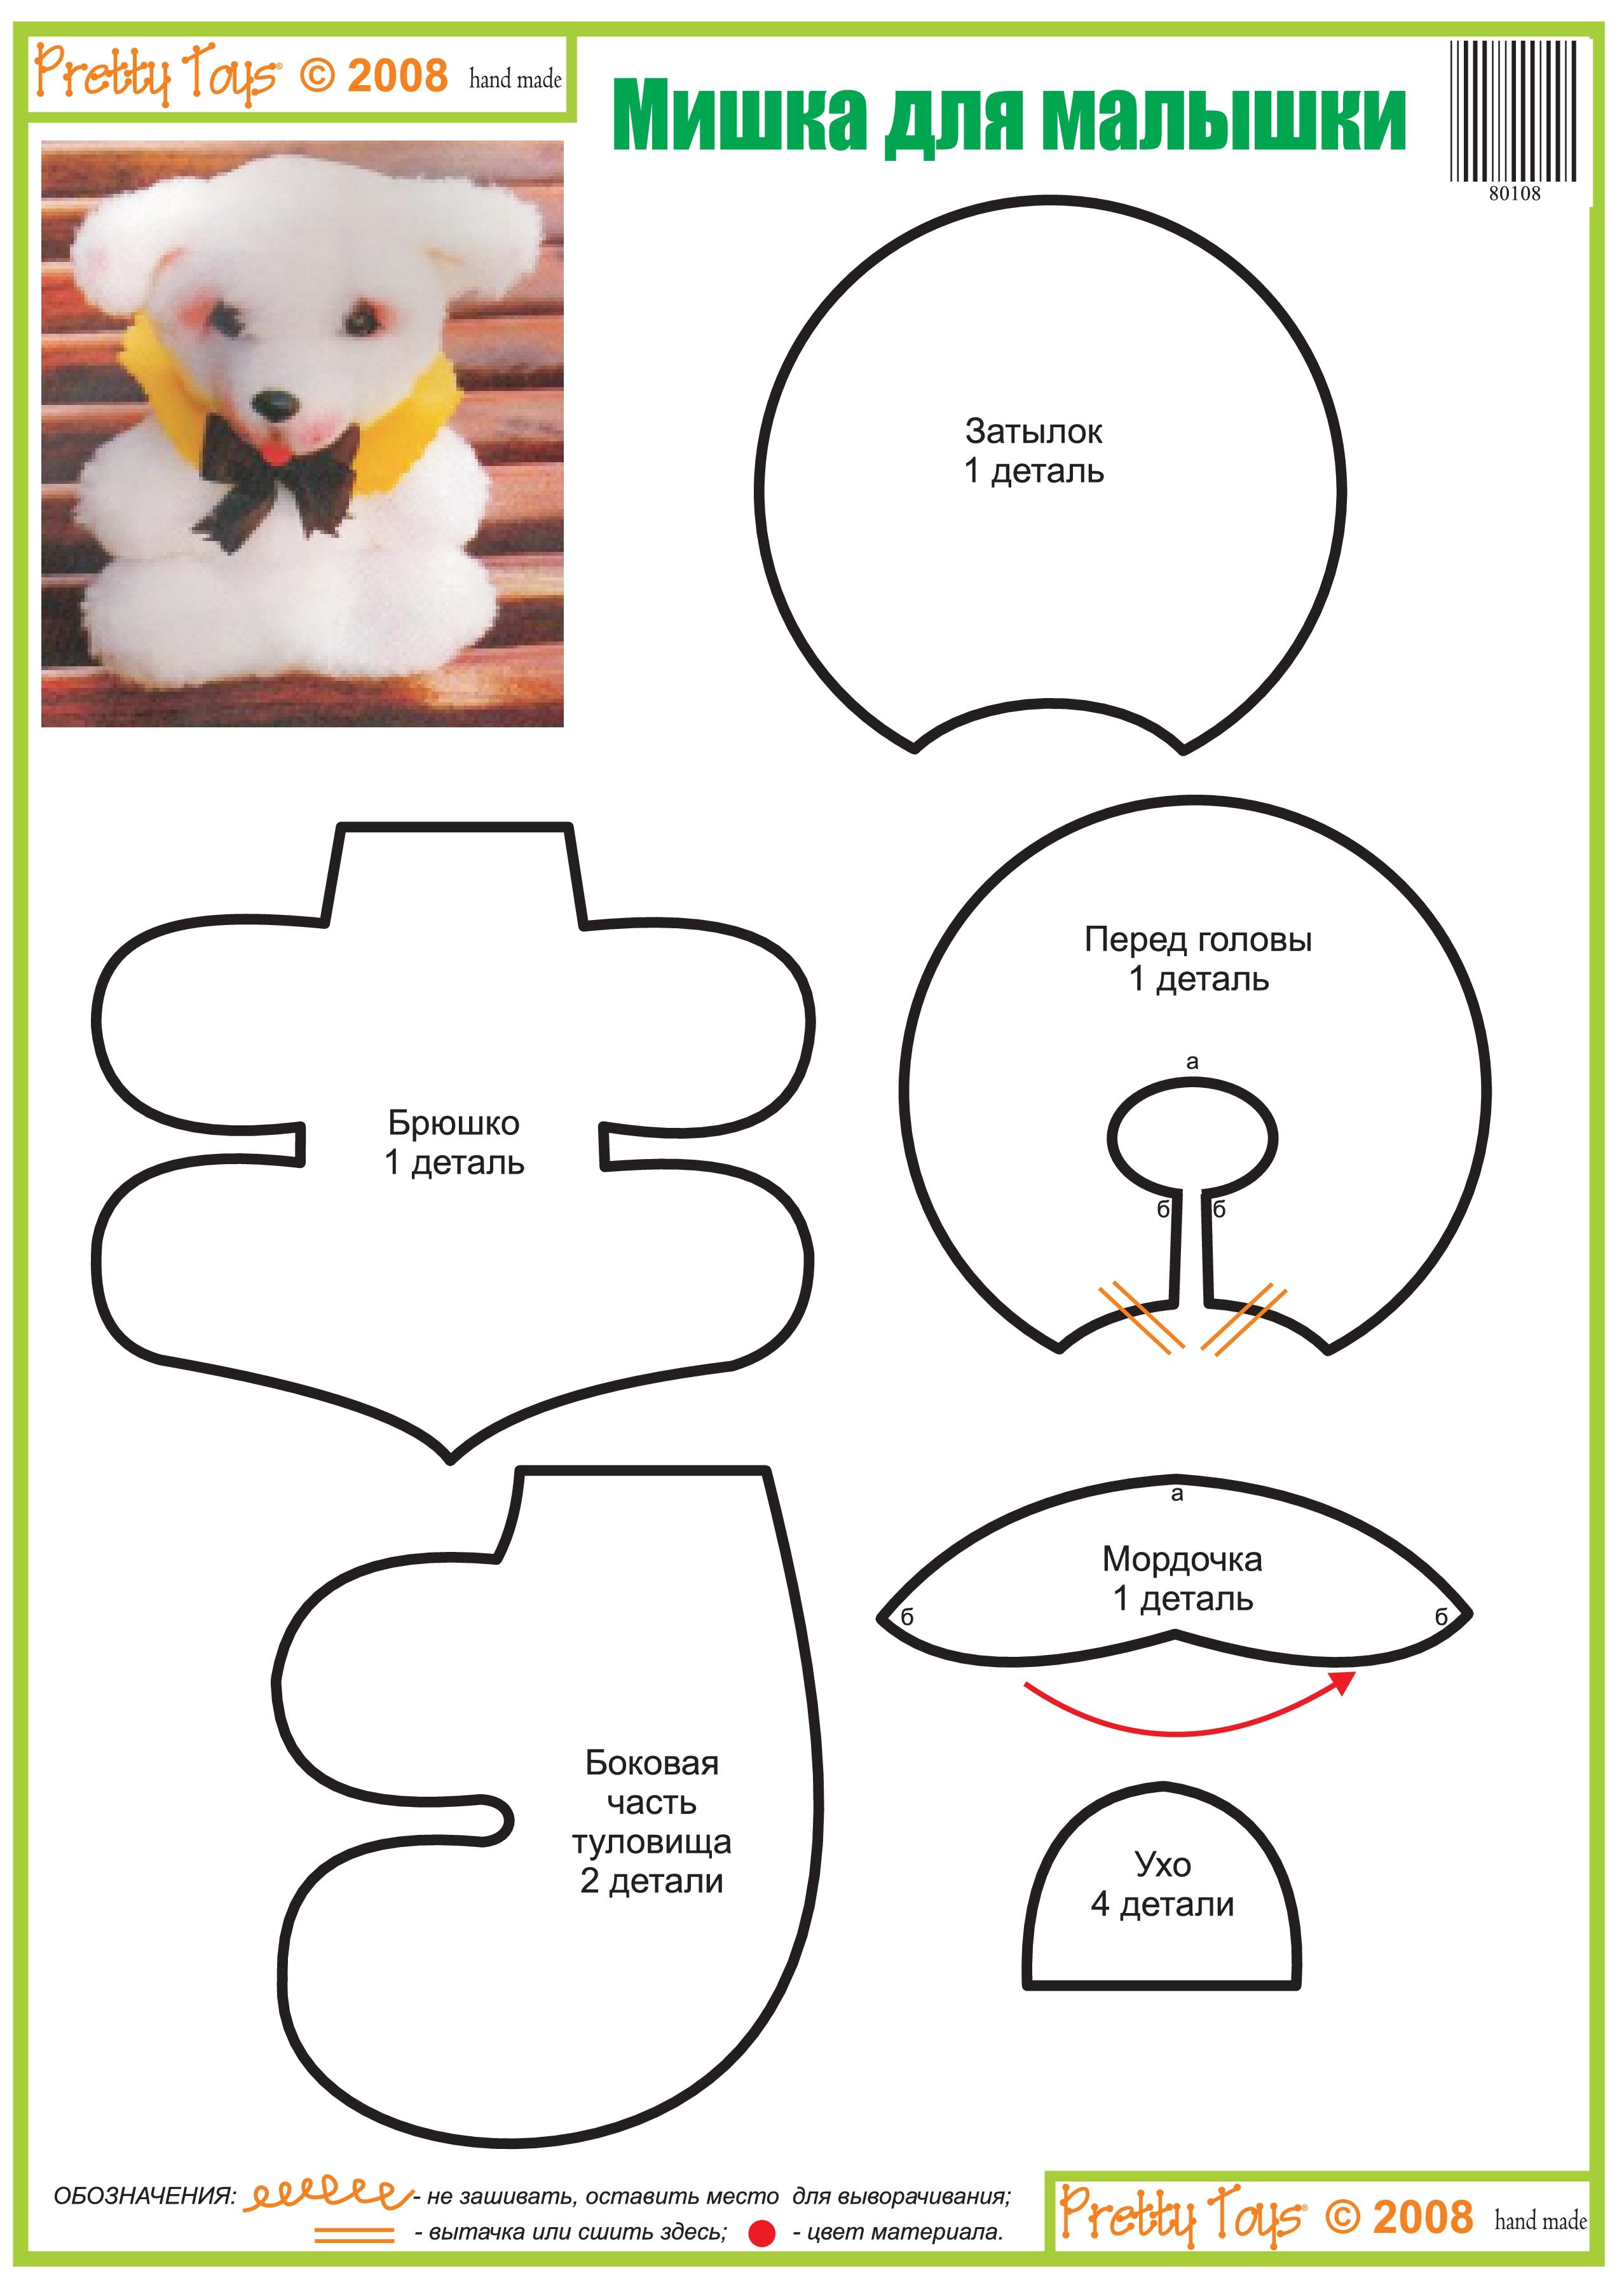 Как сделать выкройку для мягких игрушек